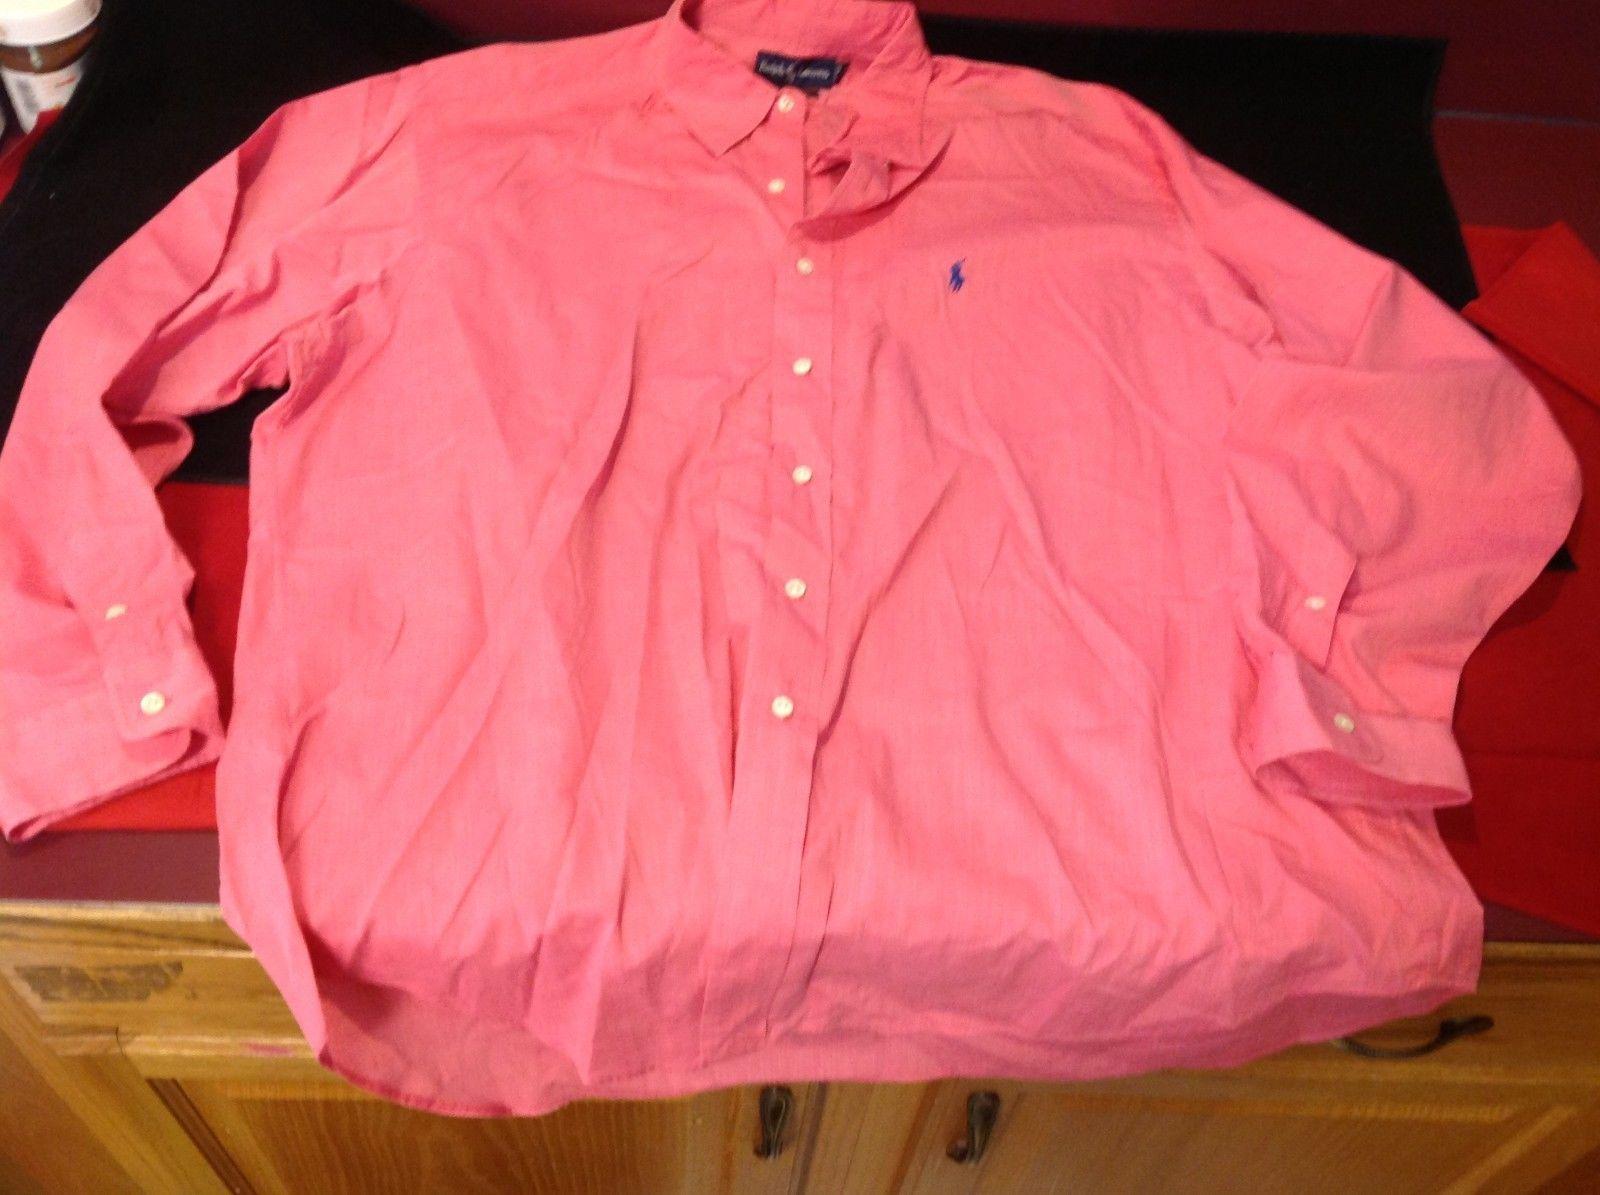 Ralph Lauren long sleeve pink dress shirt for man size XL